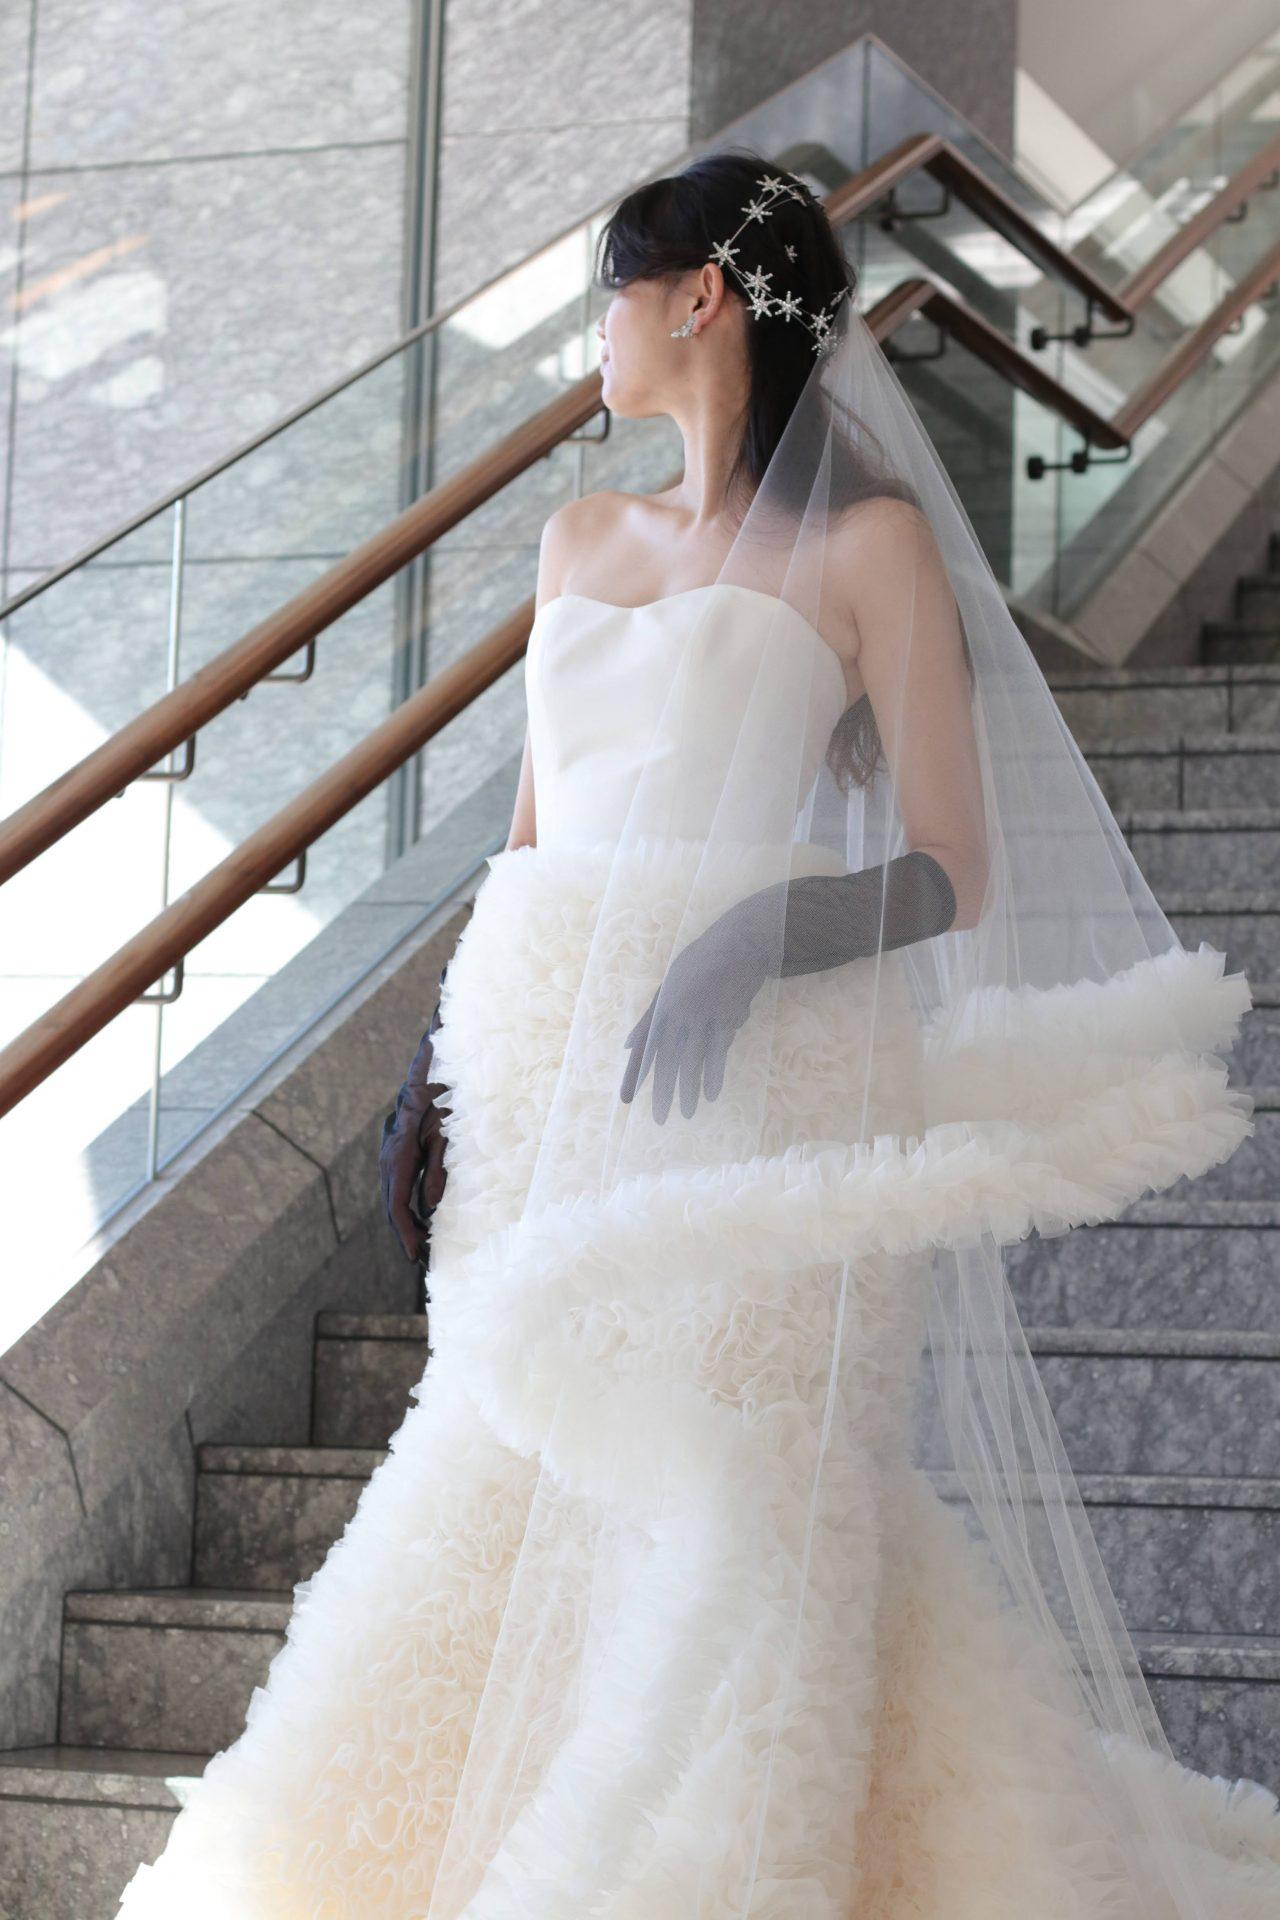 シンプルなマーメイドラインのウェディングドレスにあわせた、NYの人気アクセサリーブランドであるジェニファーベアから入荷した星モチーフの大振りなヘッドアクセサリーが、花嫁様をより華やかに引き立てます